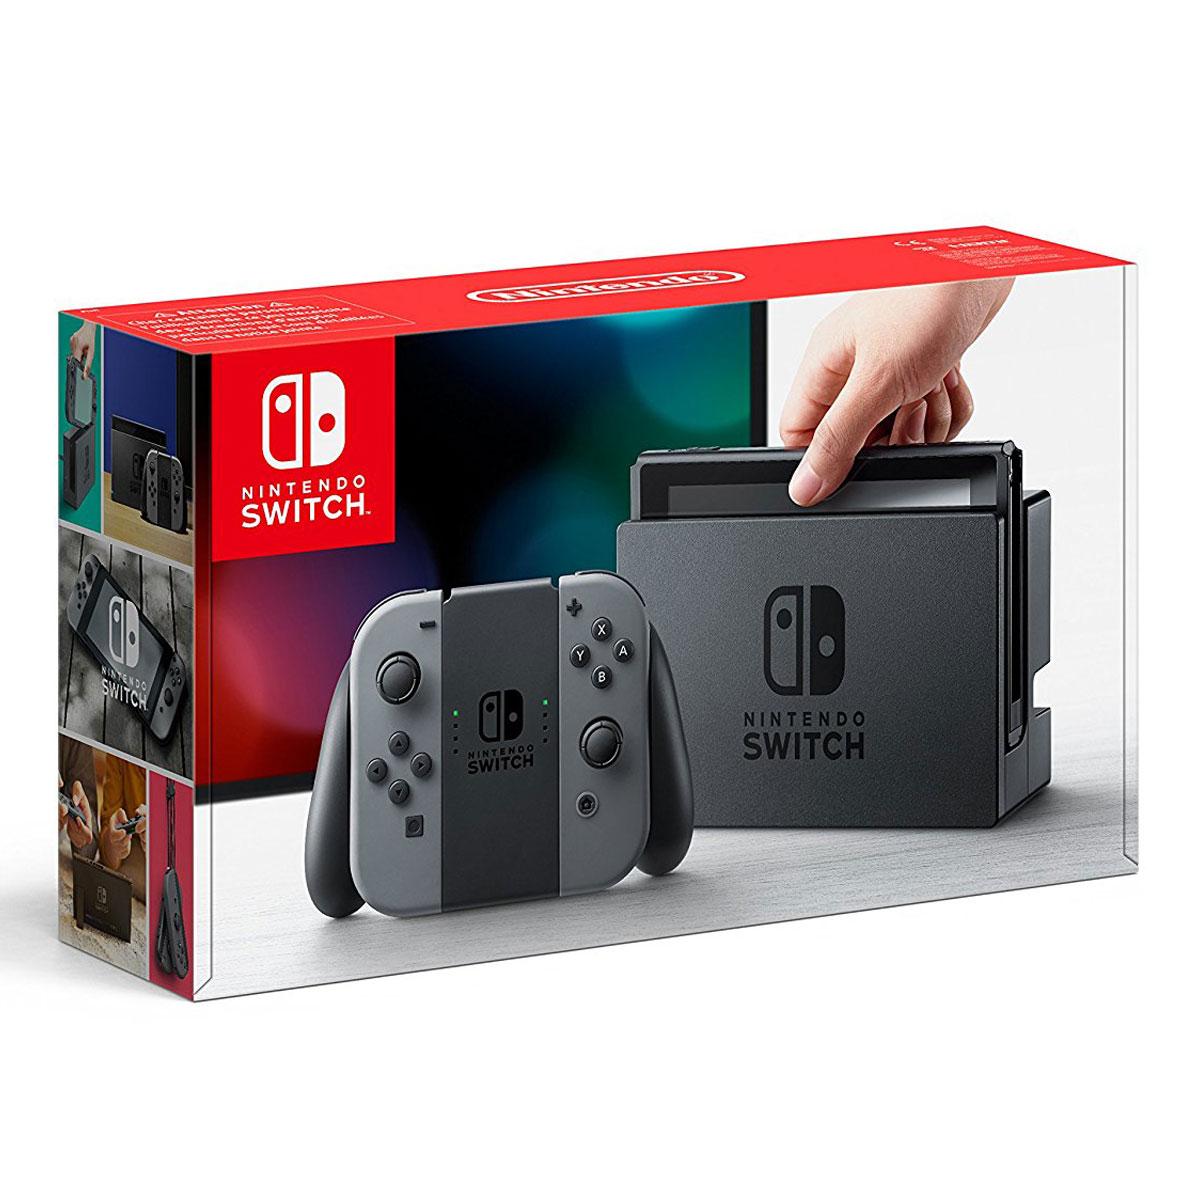 Pack console de jeux Nintendo Switch + Joy-Con droit et gauche (Gris) Console de jeux-vidéo nouvelle génération avec capacité 32 Go + Manette